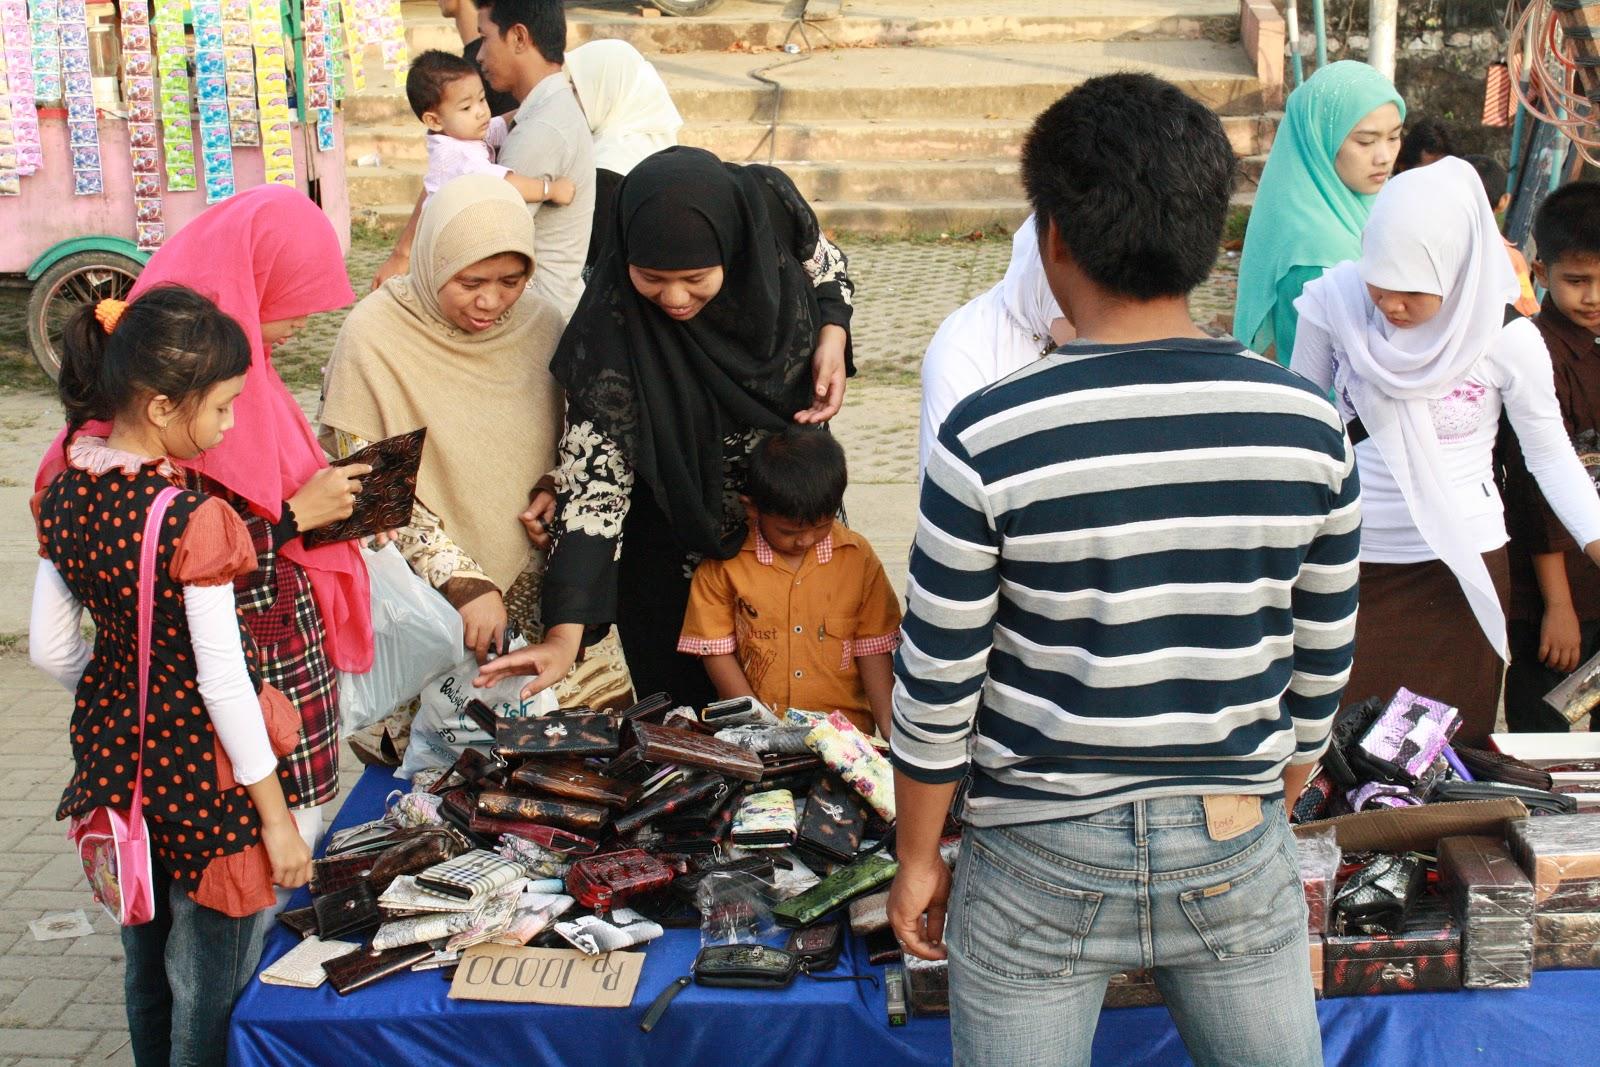 Banda Aceh Maret 2011